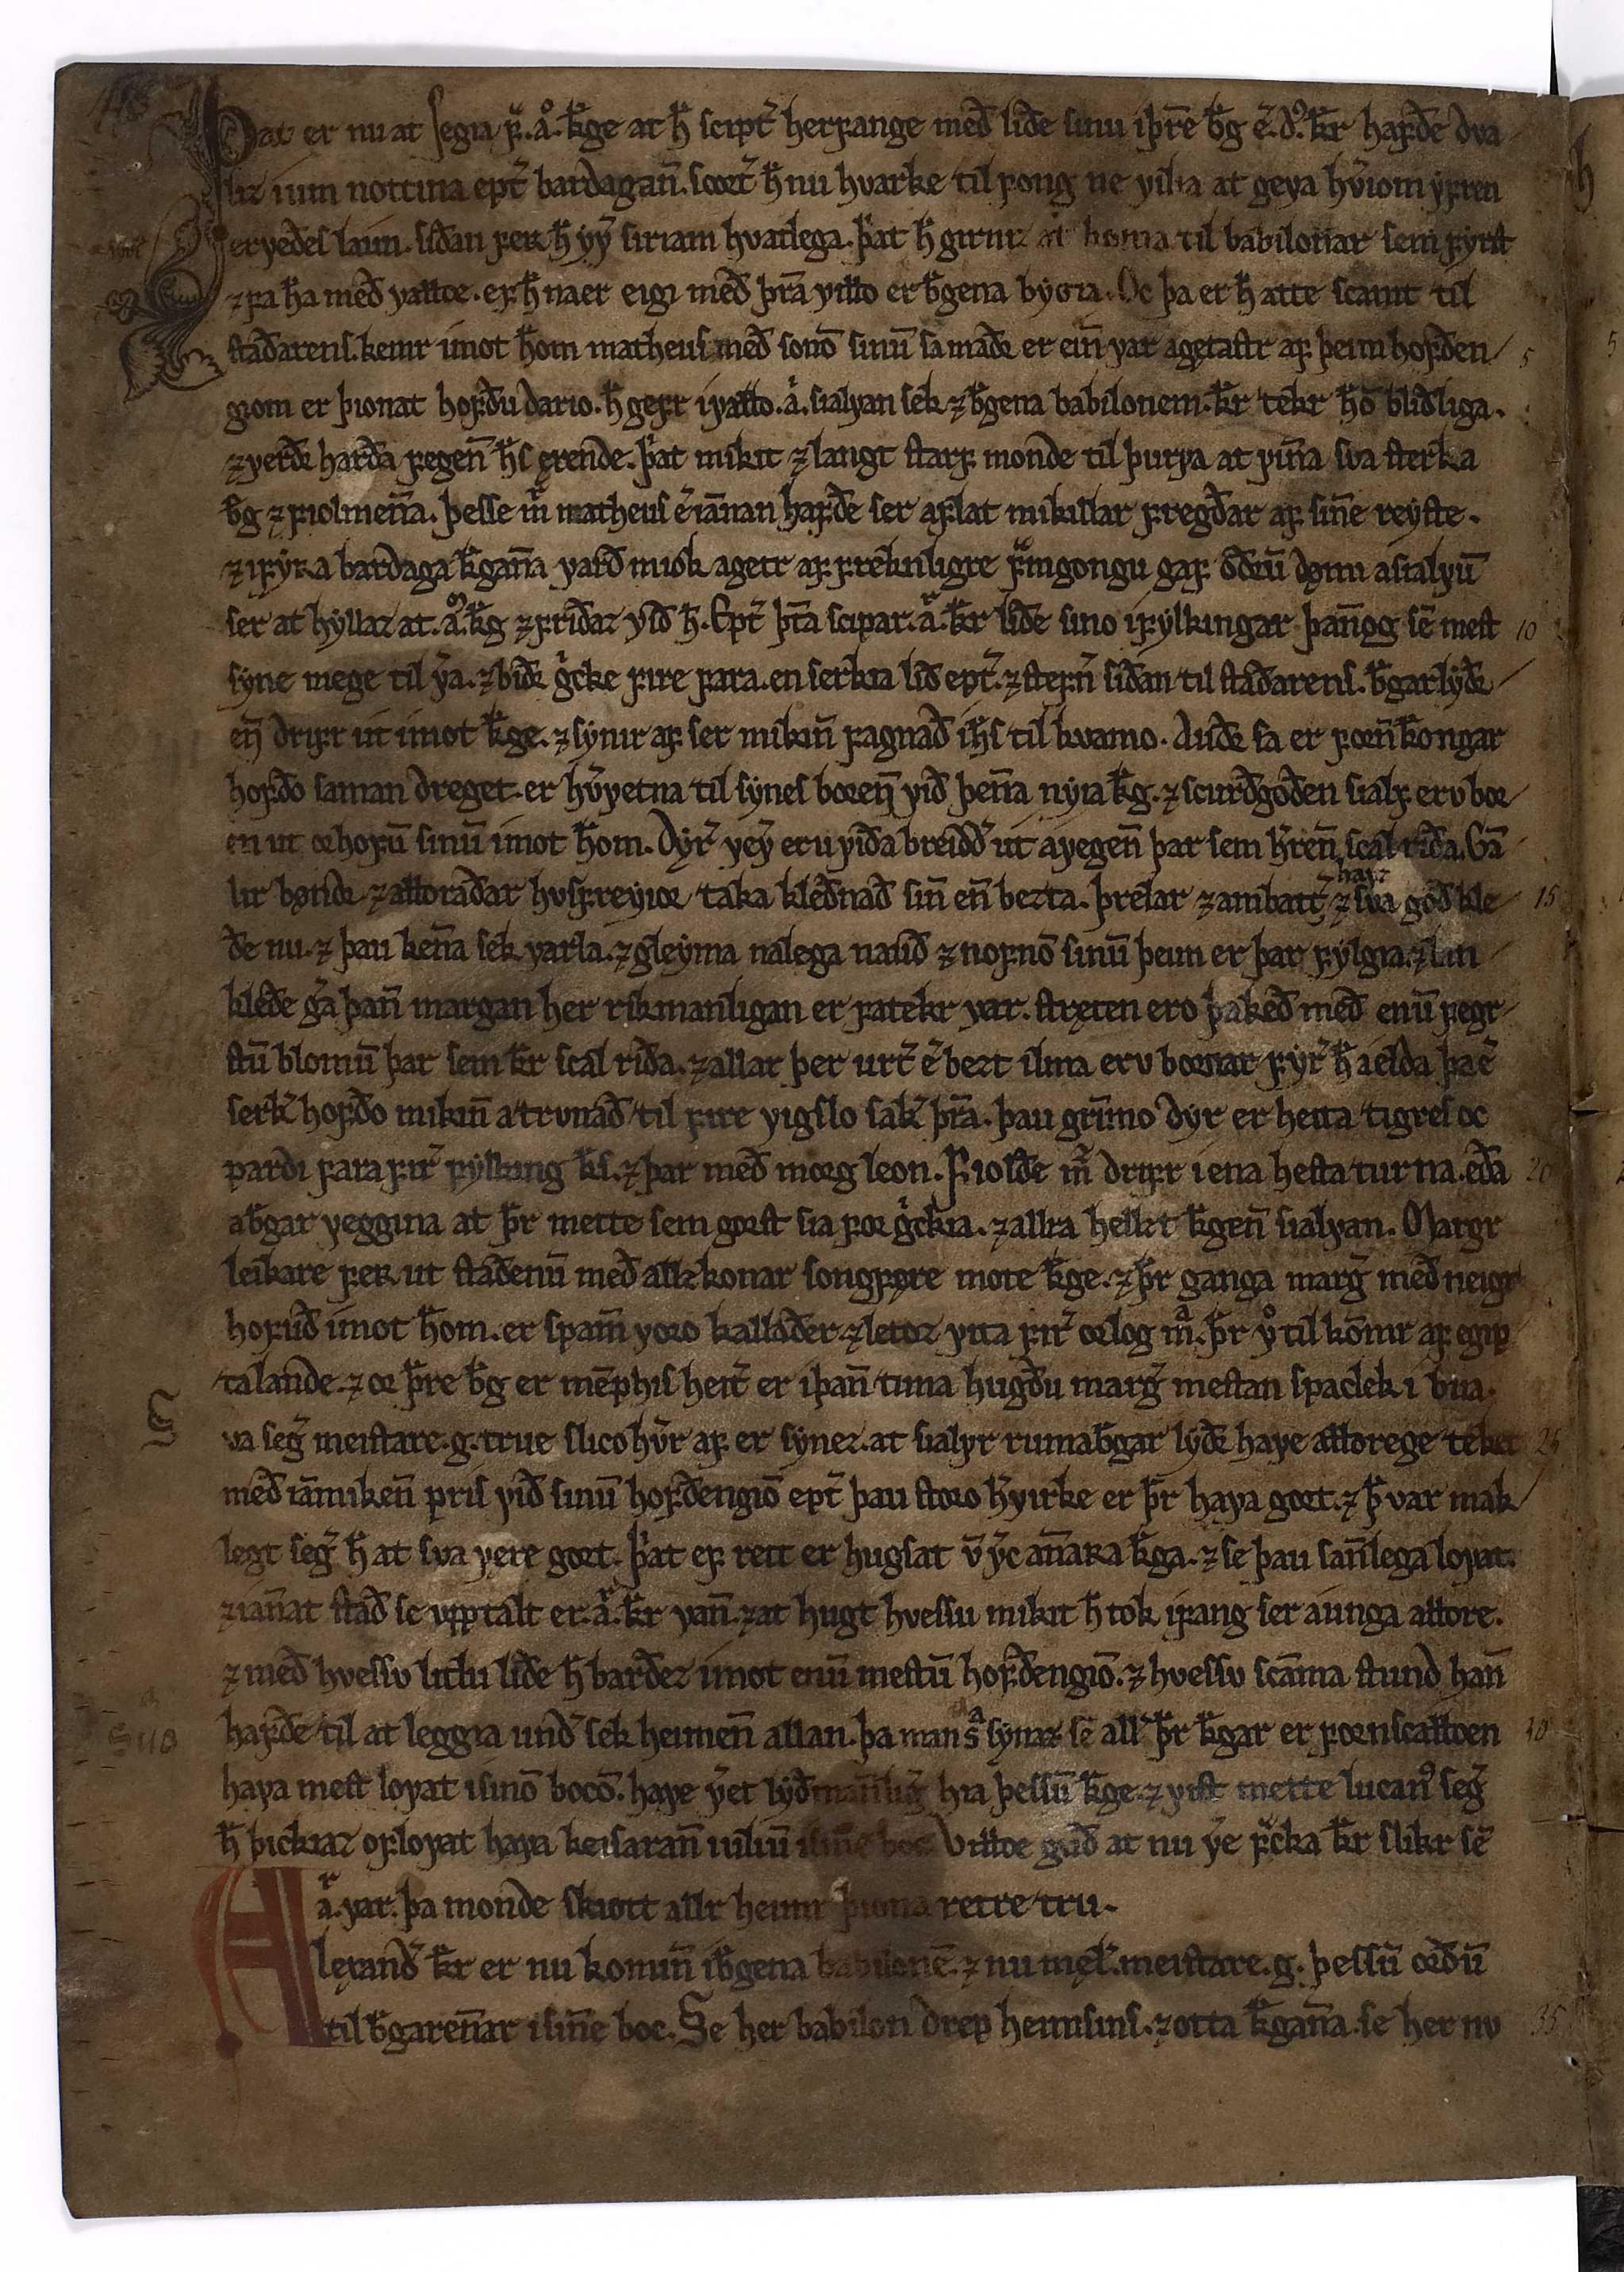 AM 519 a 4° - 19v